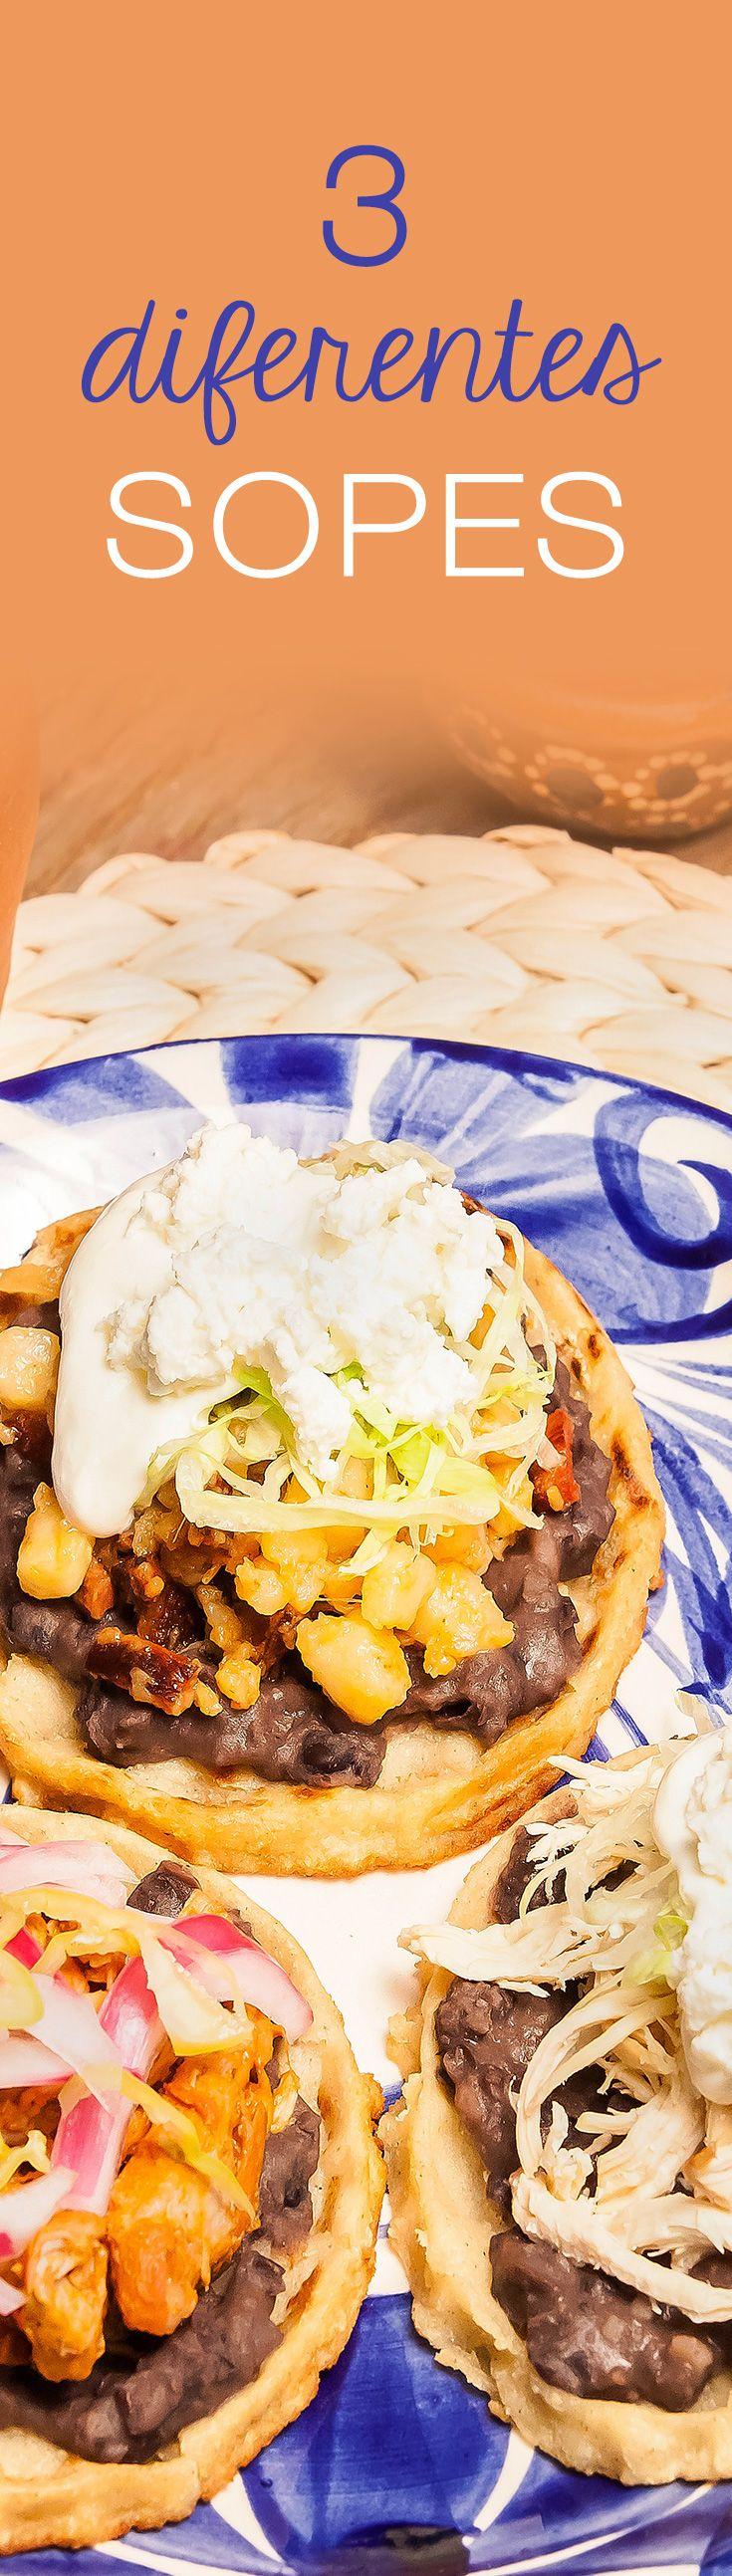 Si te gustan los antojitos mexicanos, esta trilogía de sopes es lo que estás buscando. No necesitas muchos ingredientes más que masa de maíz, frijoles y los rellenos que tengas a la mano, acompáñalos con salsita.